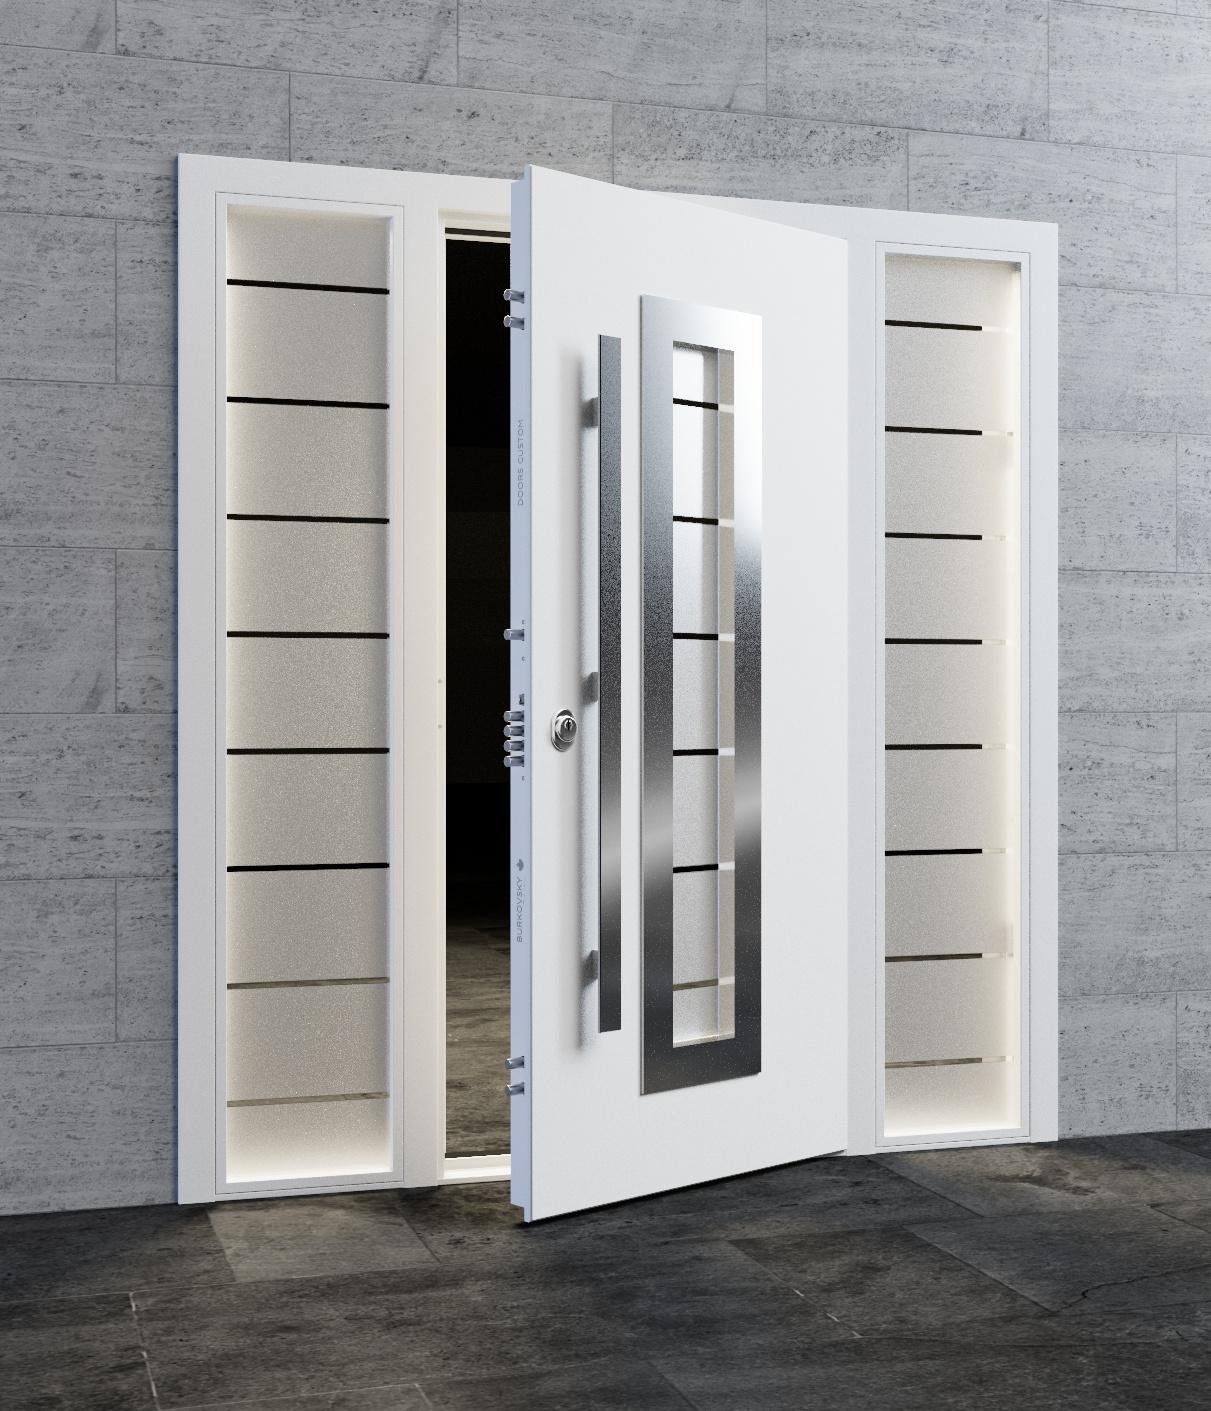 Входная дверь с боковыми стеклянными фрамугами в стиле хайтек. Модель Lymeo.